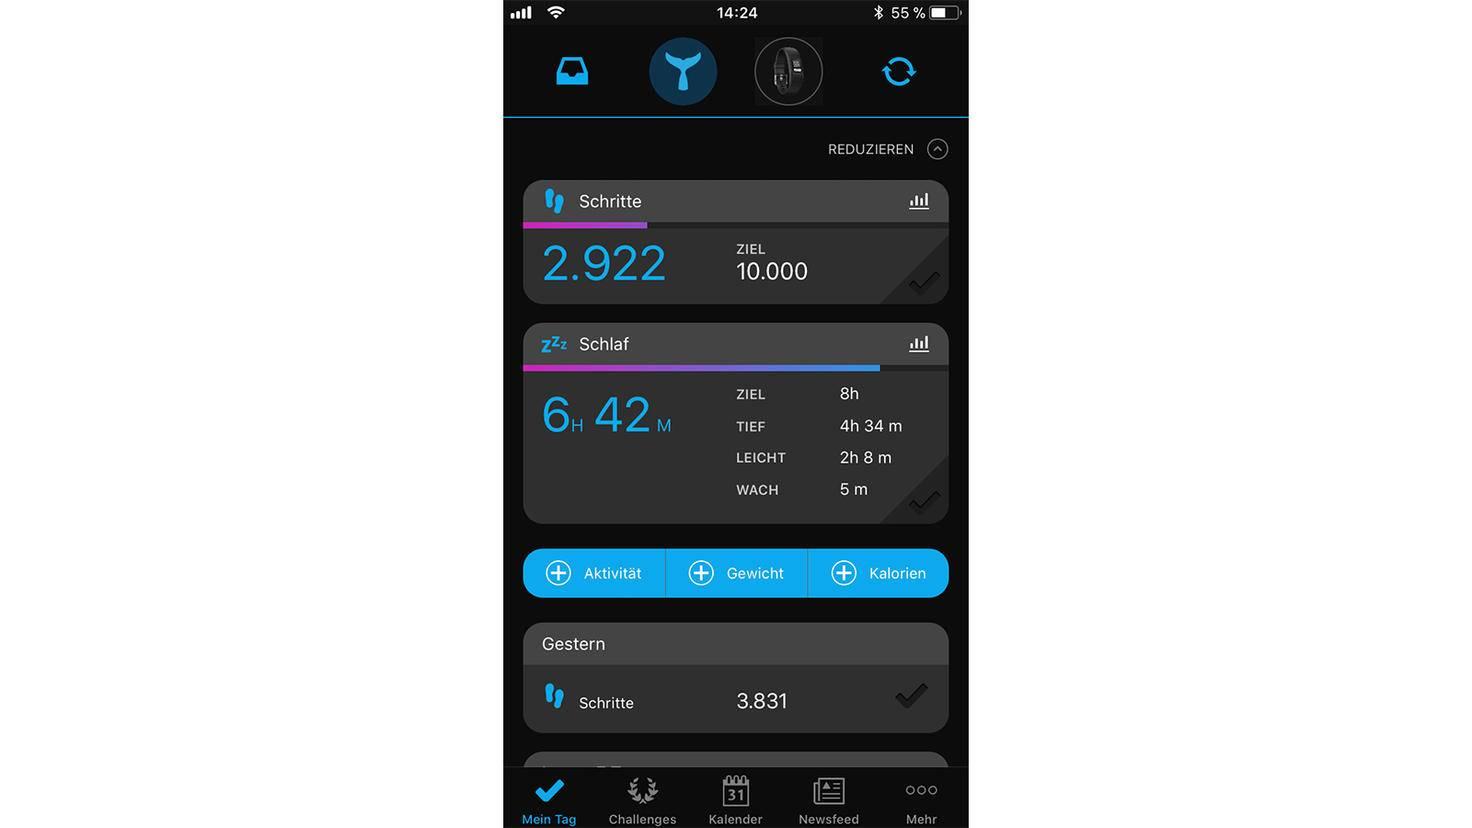 Die Startseite der Connect-App zeigt die wichtigsten Daten auf einen Blick.